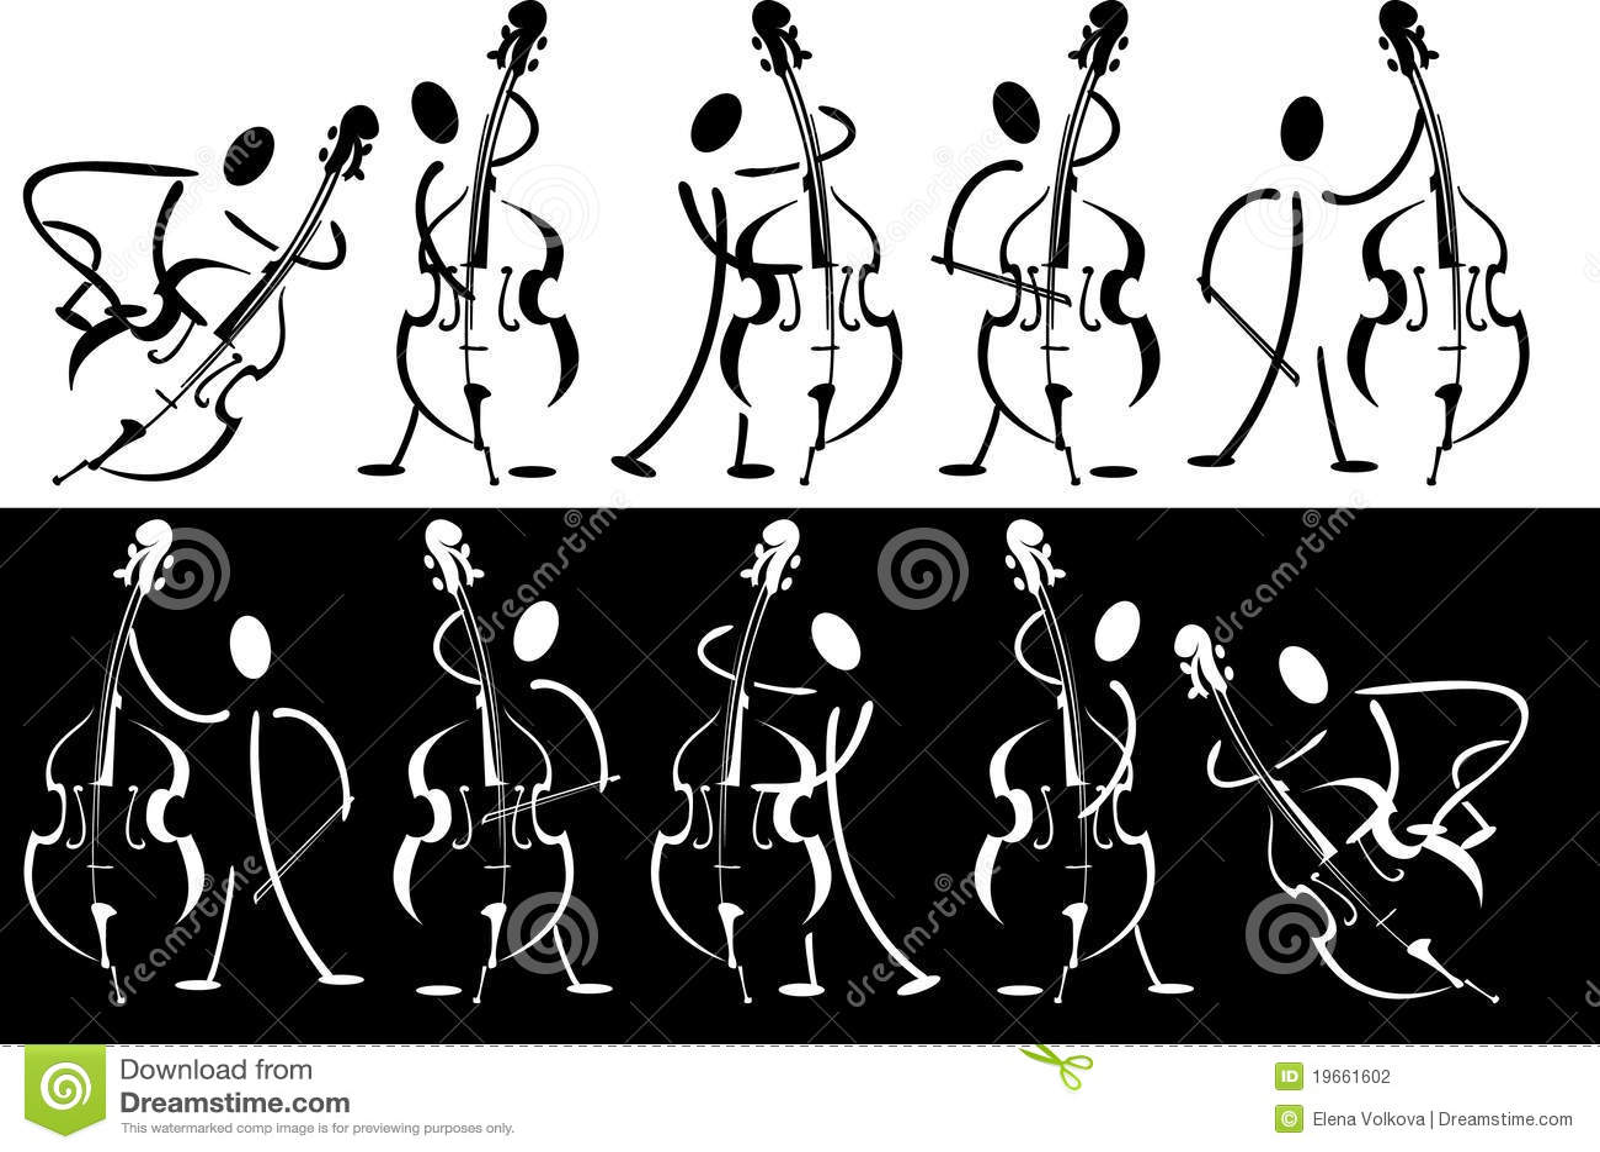 Contour van de musicus die op het instrument speelt